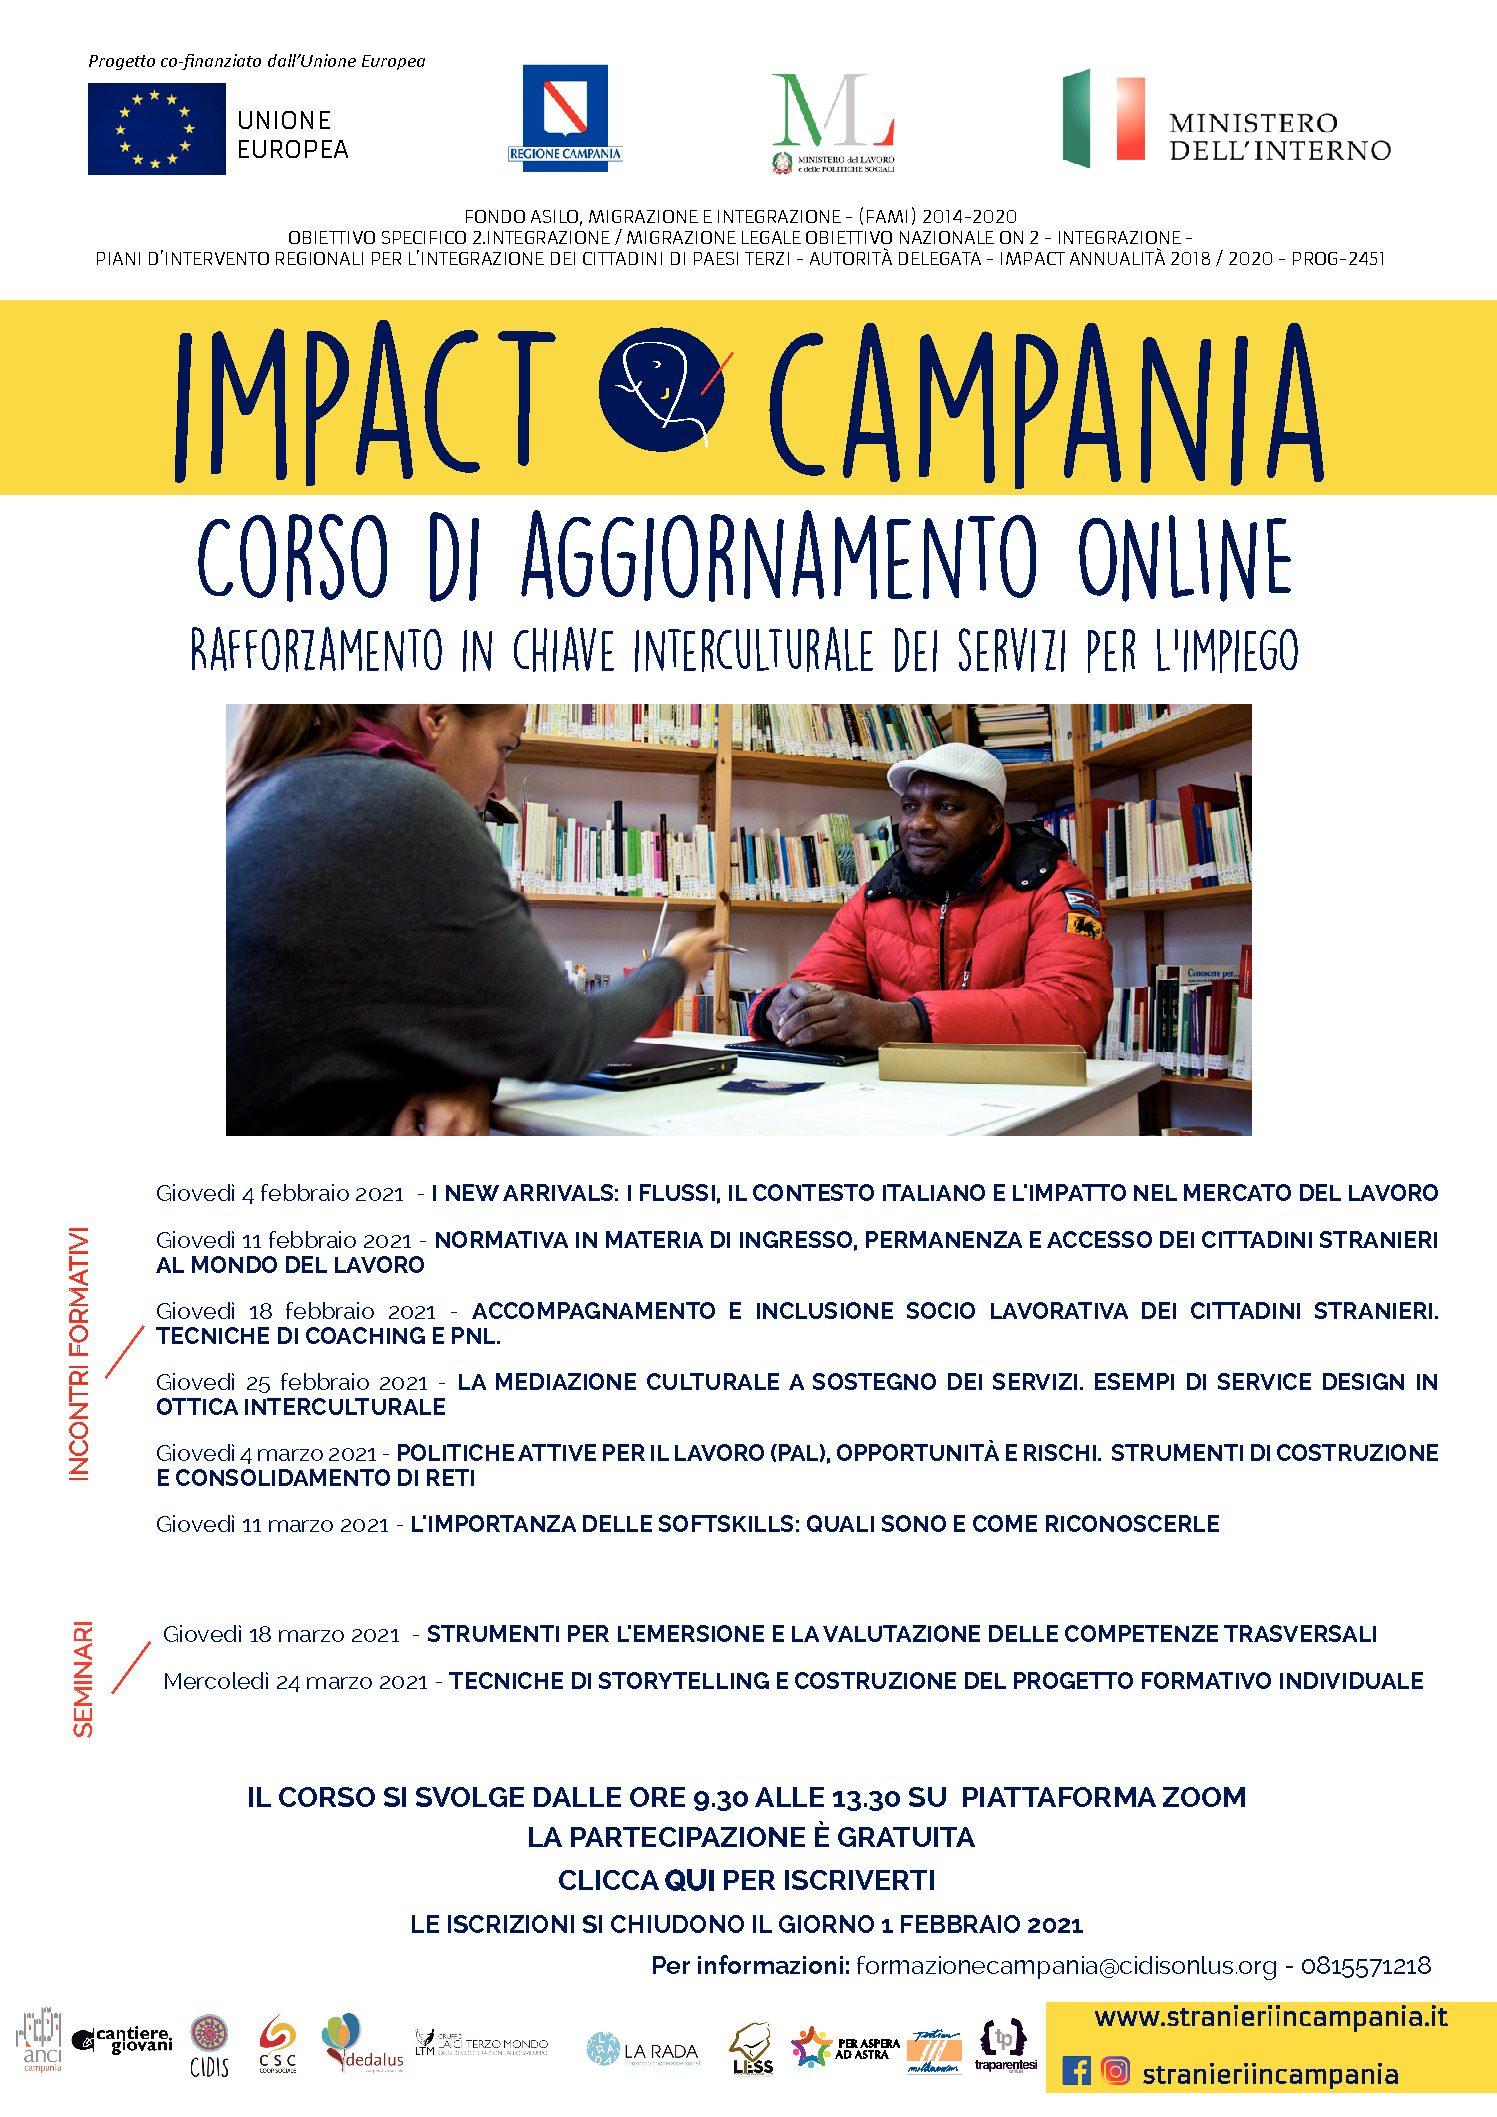 Rafforzamento dei servizi per l'impiego in chiave interculturale. Nuovo corso di IMPACT Campania